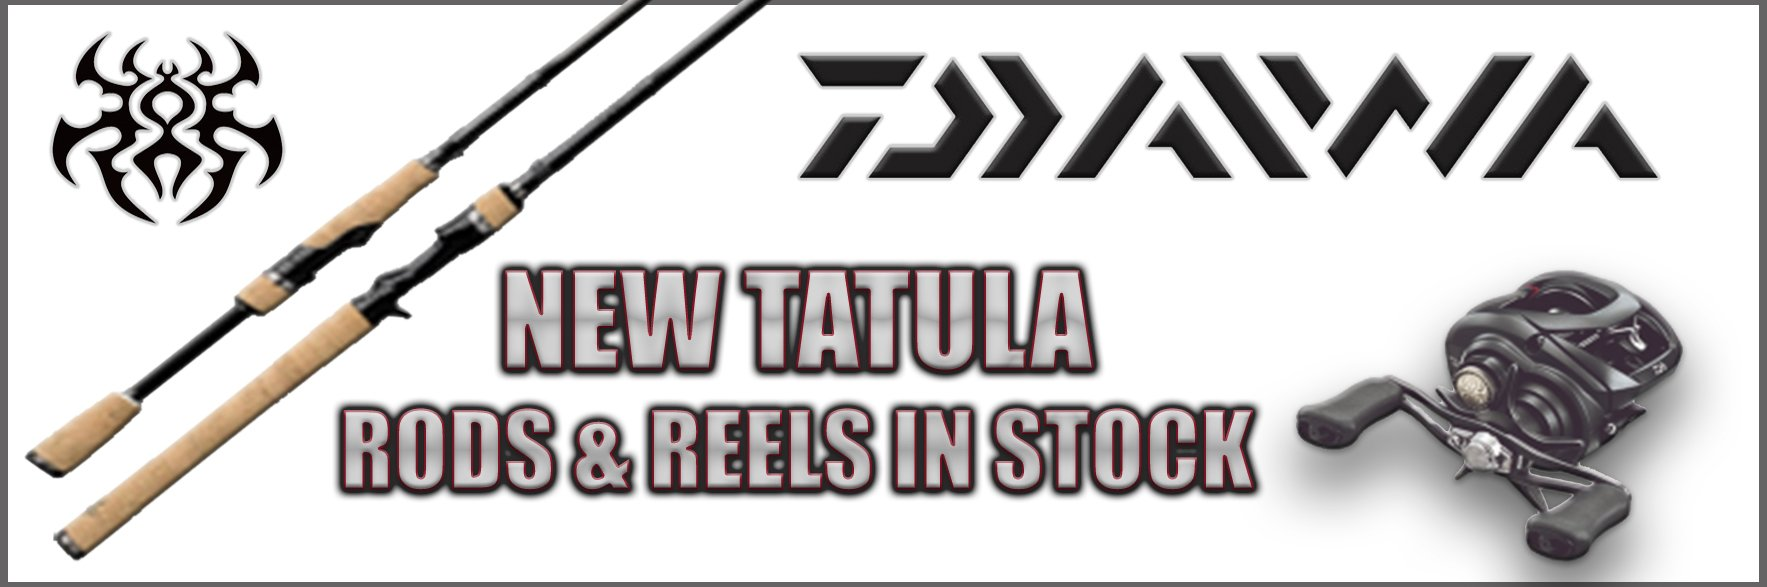 2018 New Daiwa Tatula Rods & Reels - 7'4 - Regular